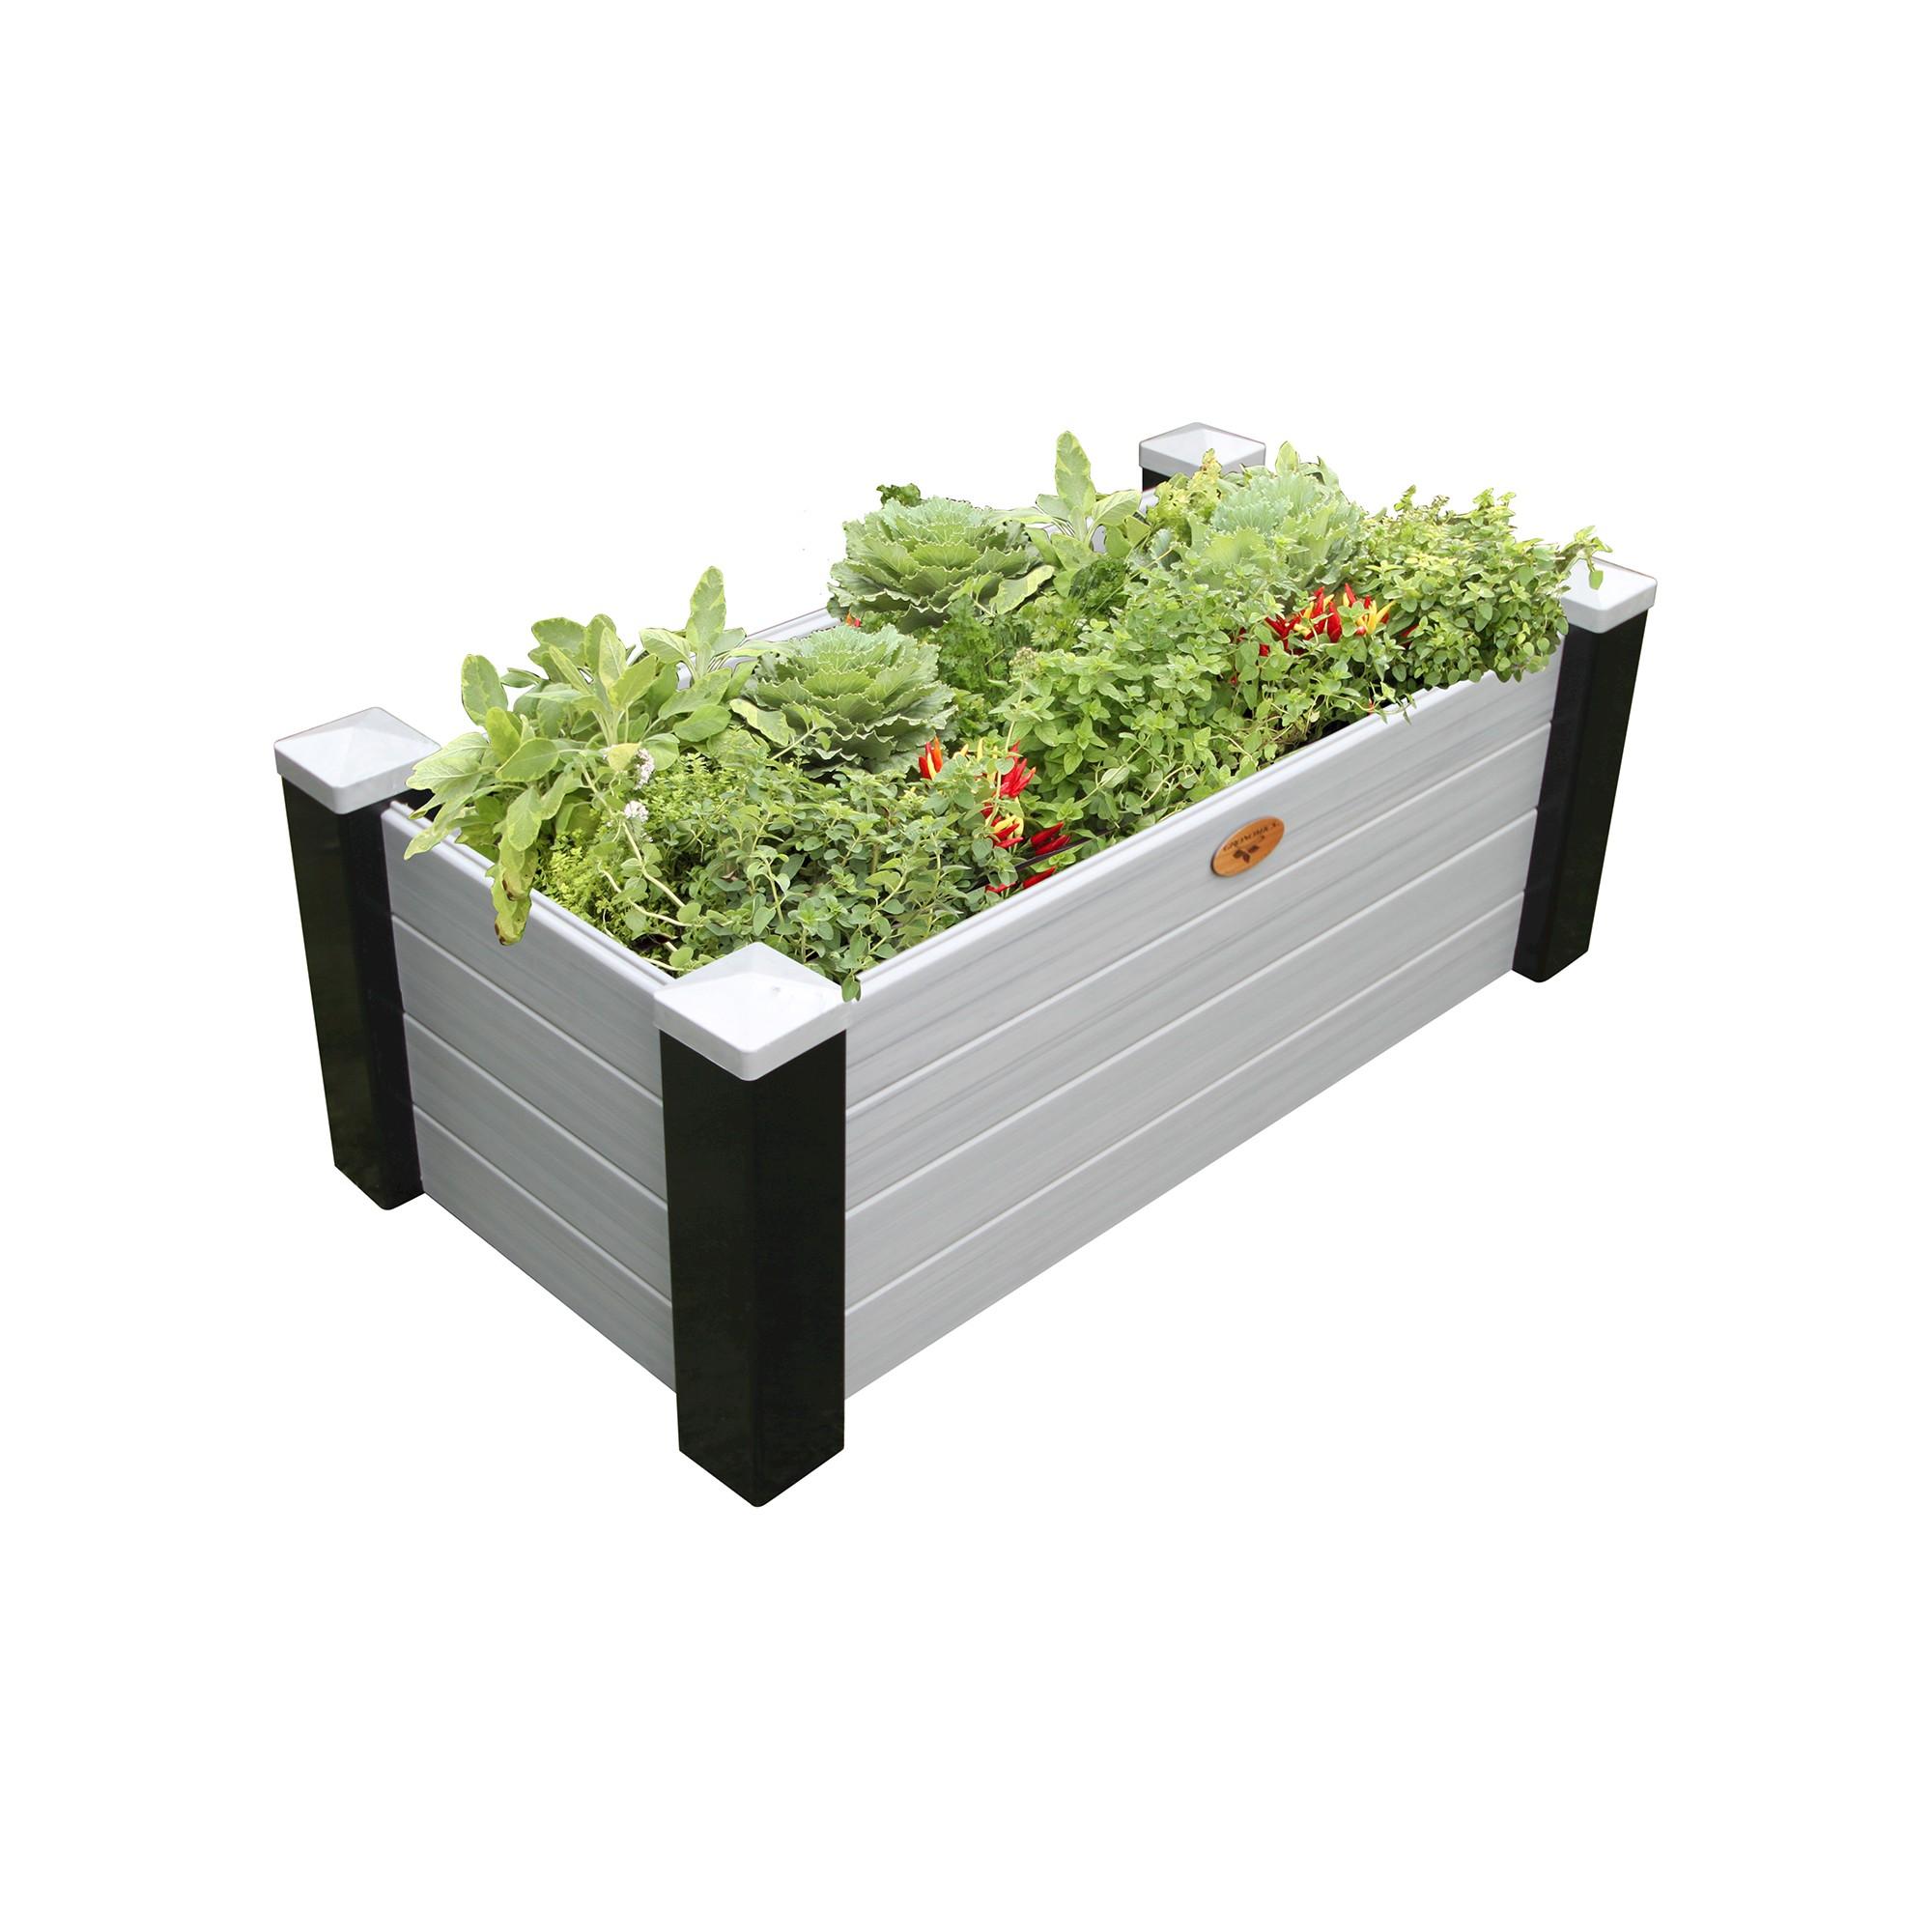 wood garden country bed raised com gronomics walmart ip cedar